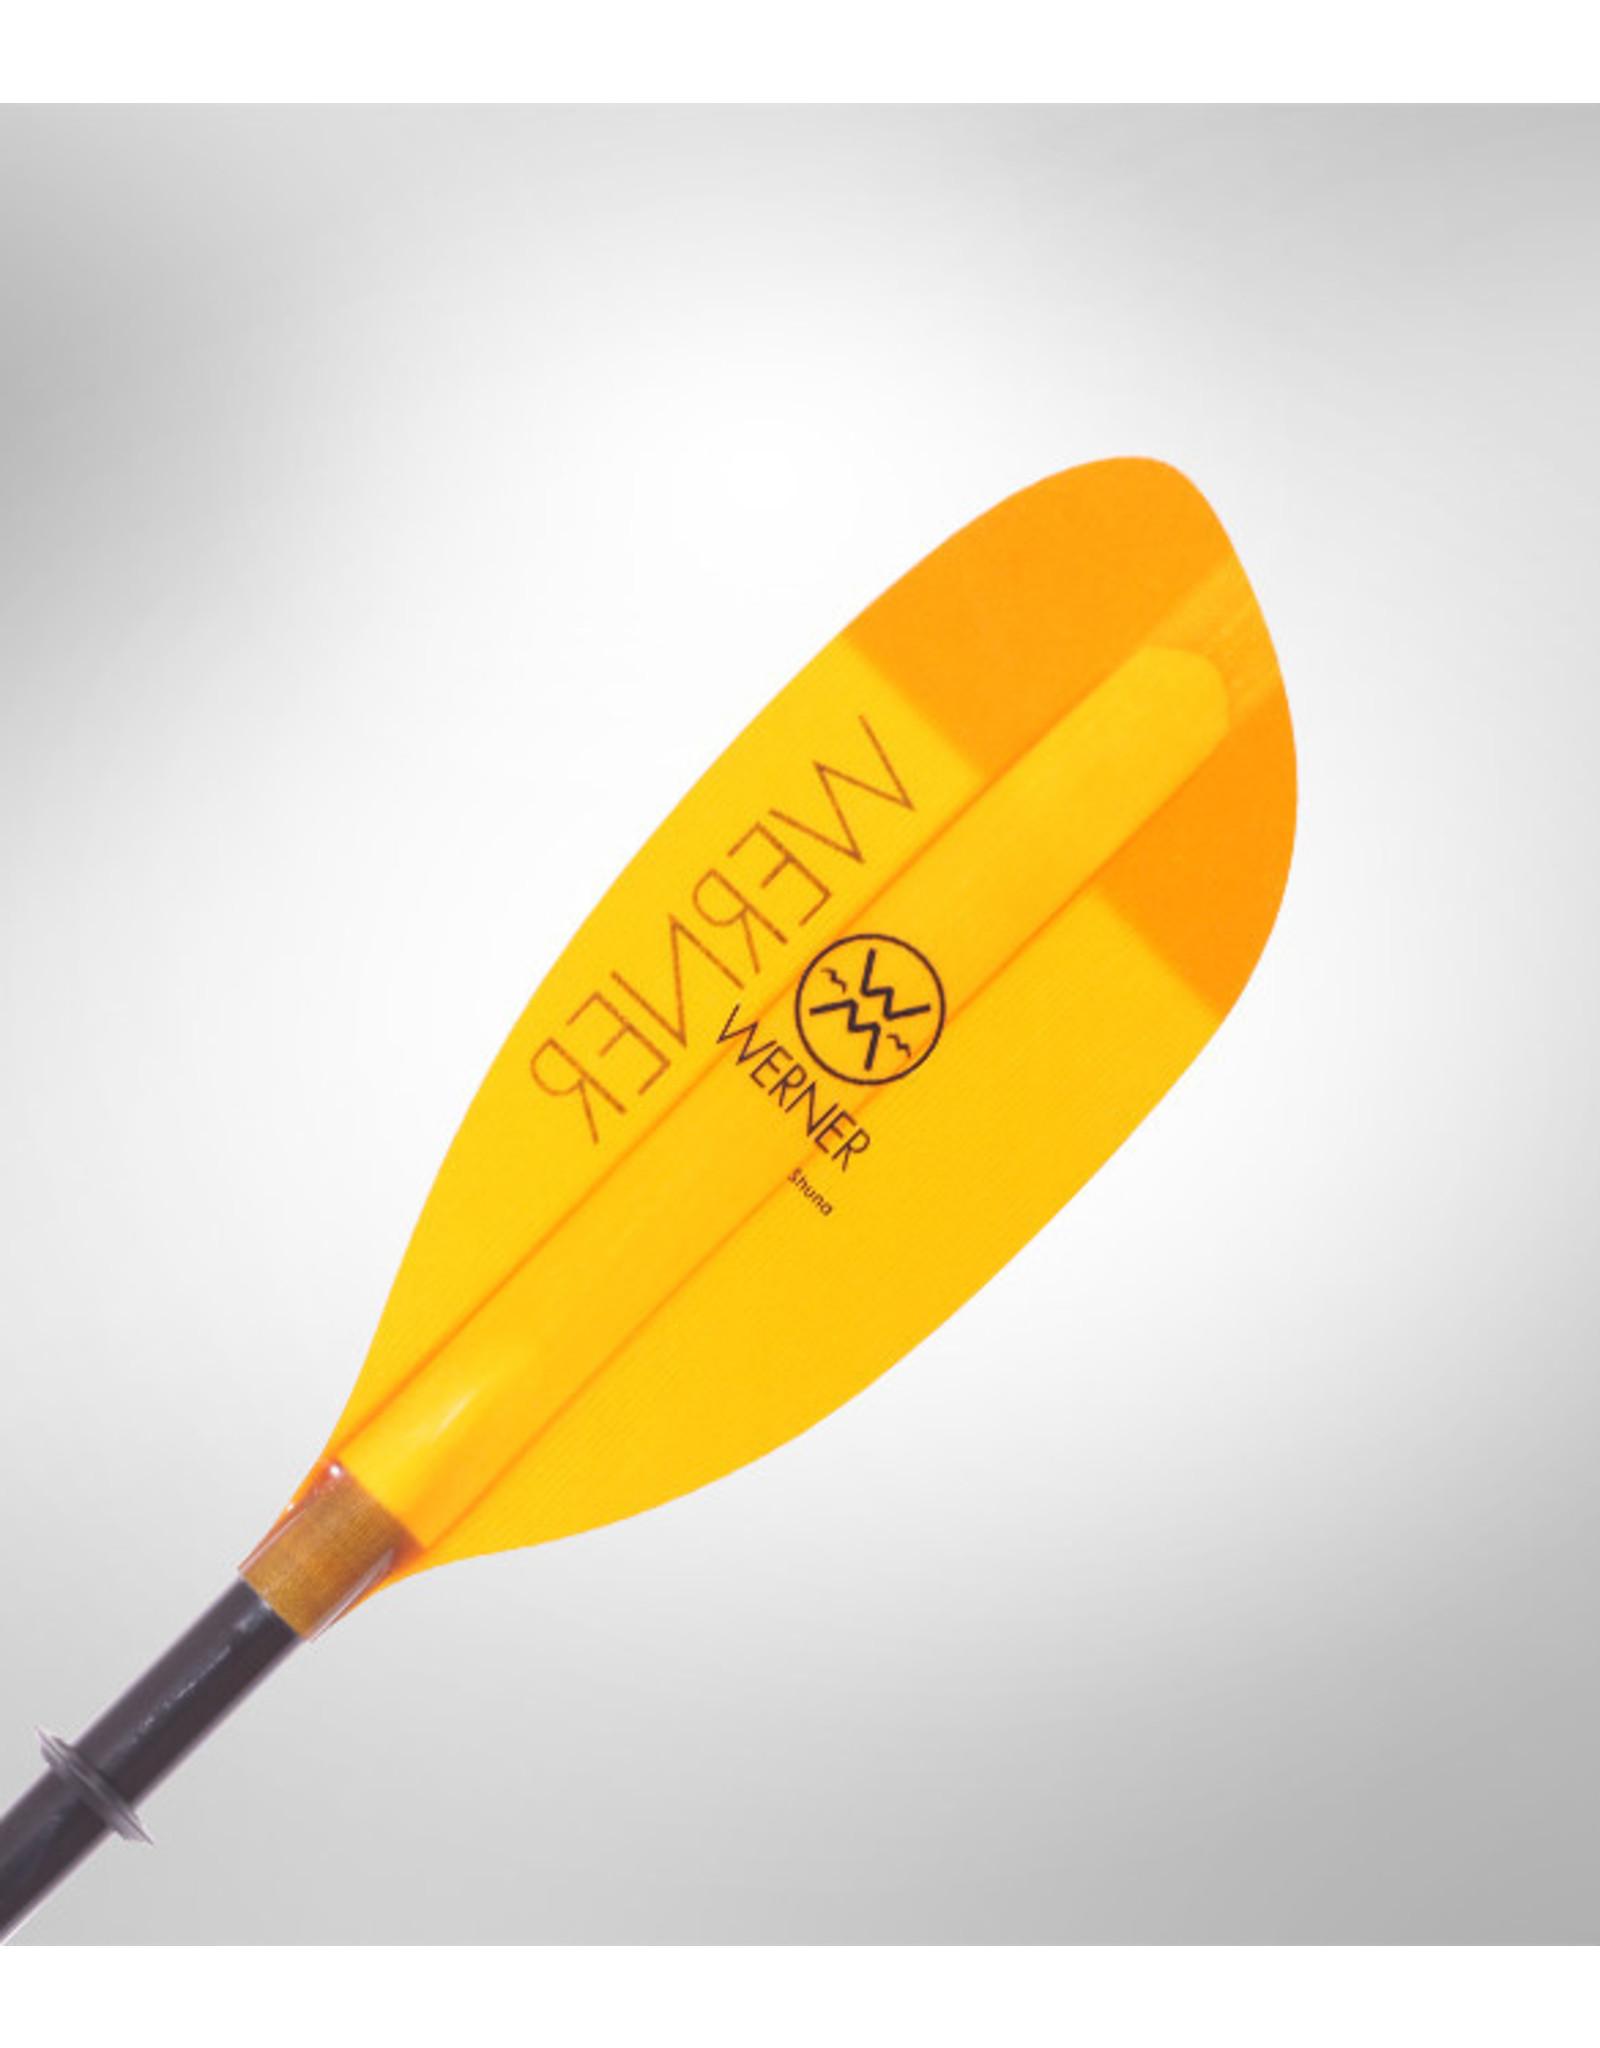 Werner Werner Shuna 2pc paddle